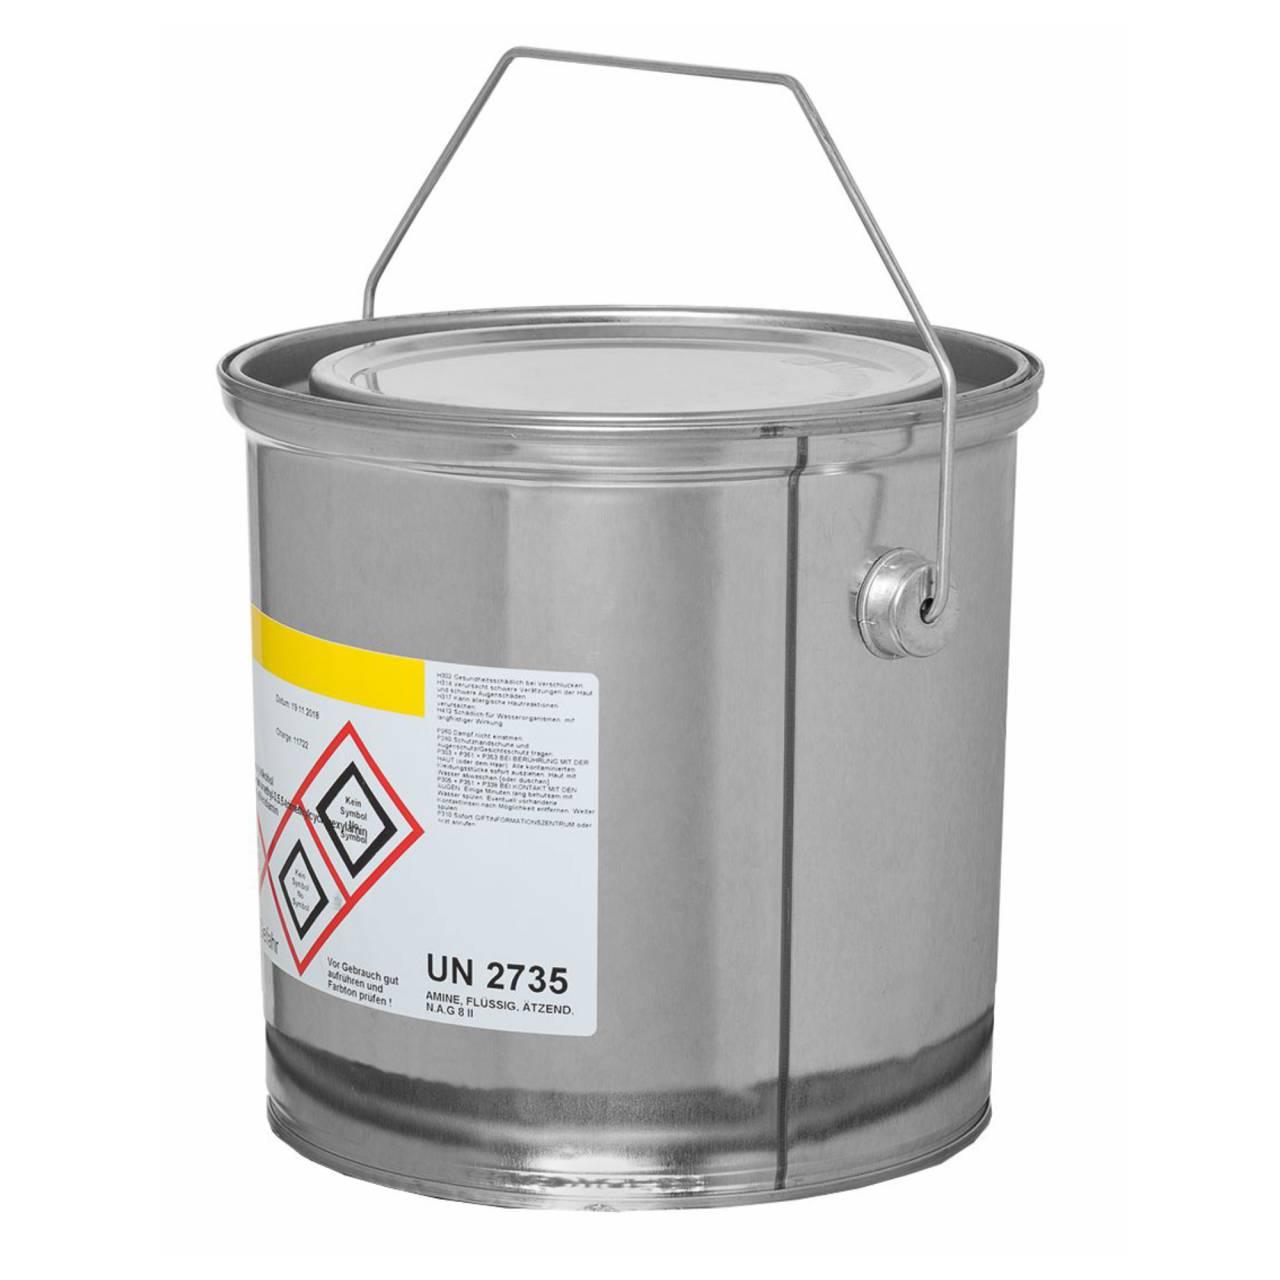 Einlassgrund 2K ''PROline-paint'' / Eimer a 4,5 Liter